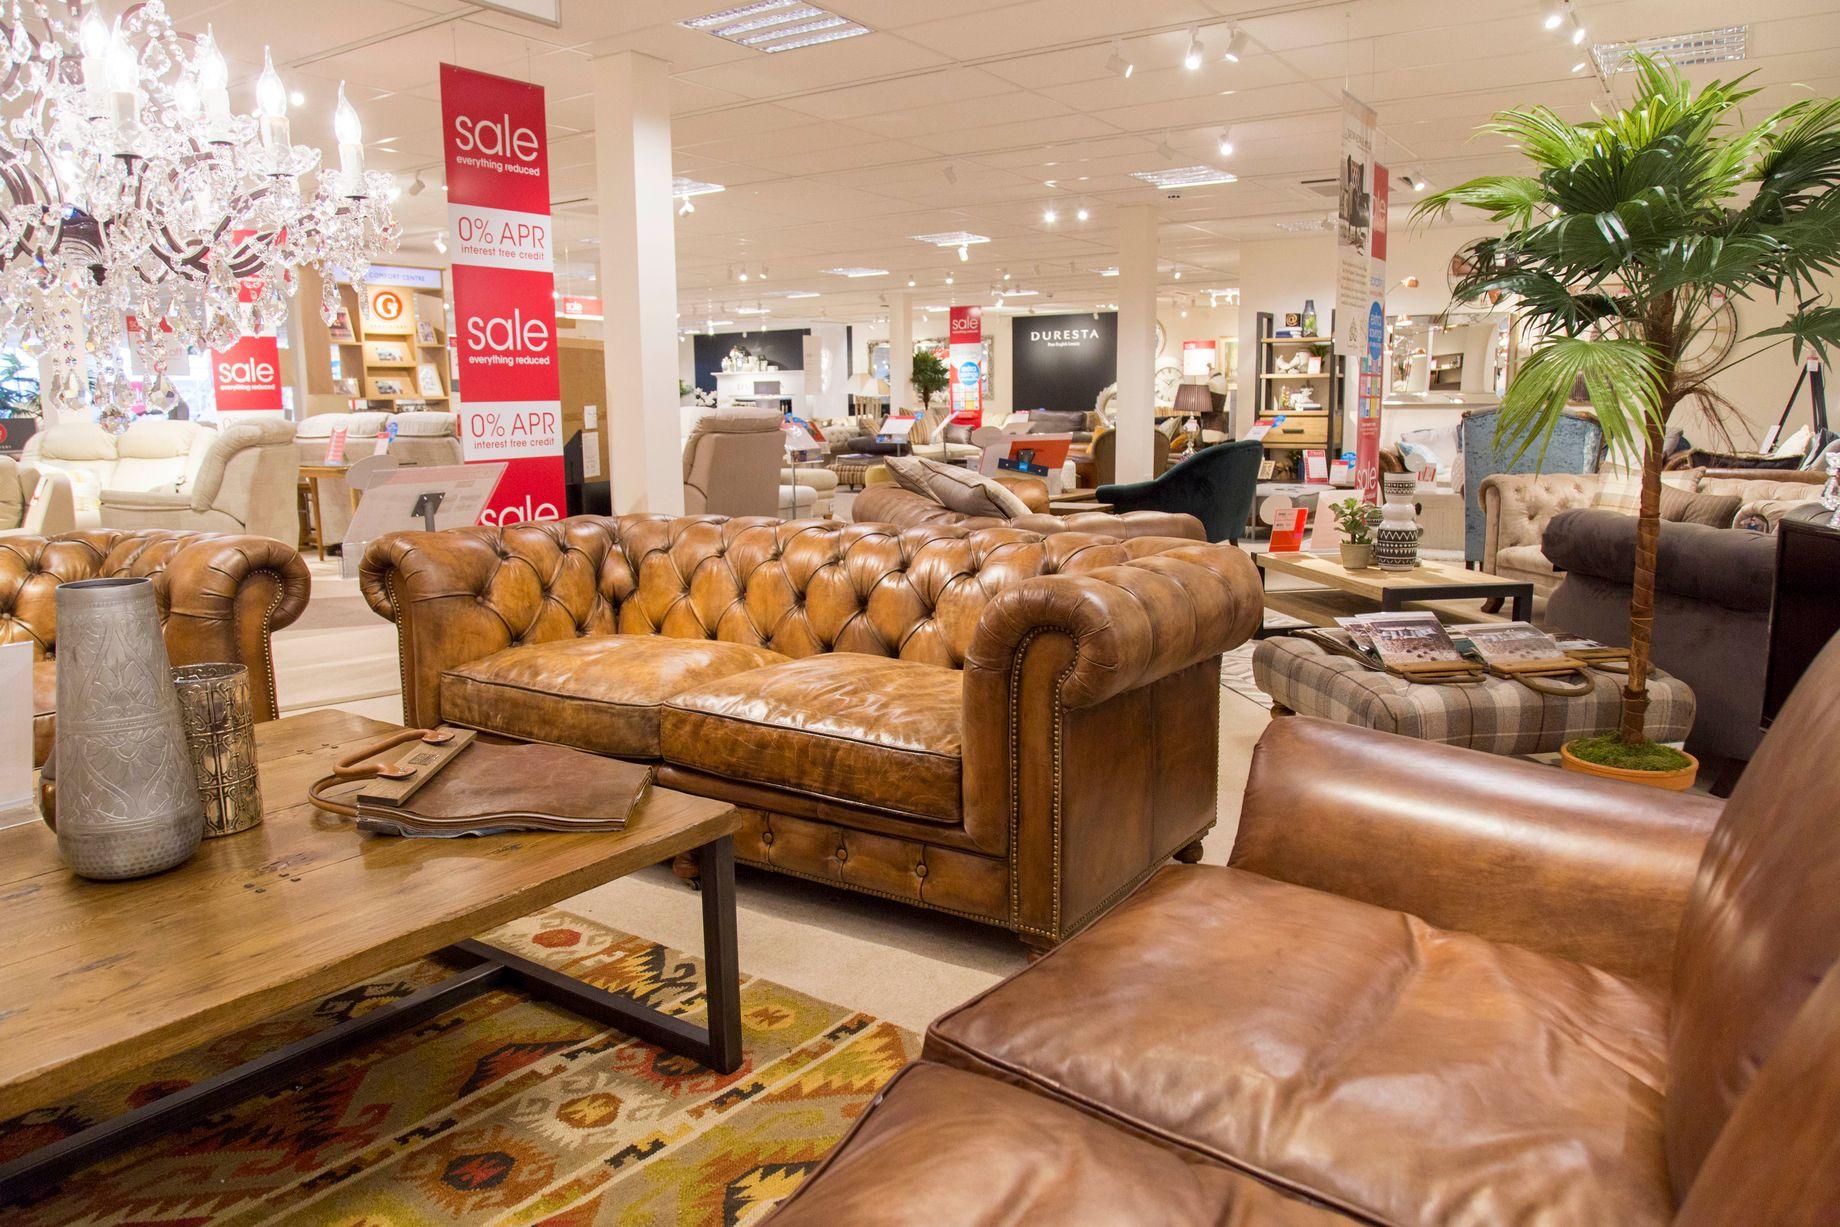 Furniture Outlet Village Store Liverpool Furniture Village